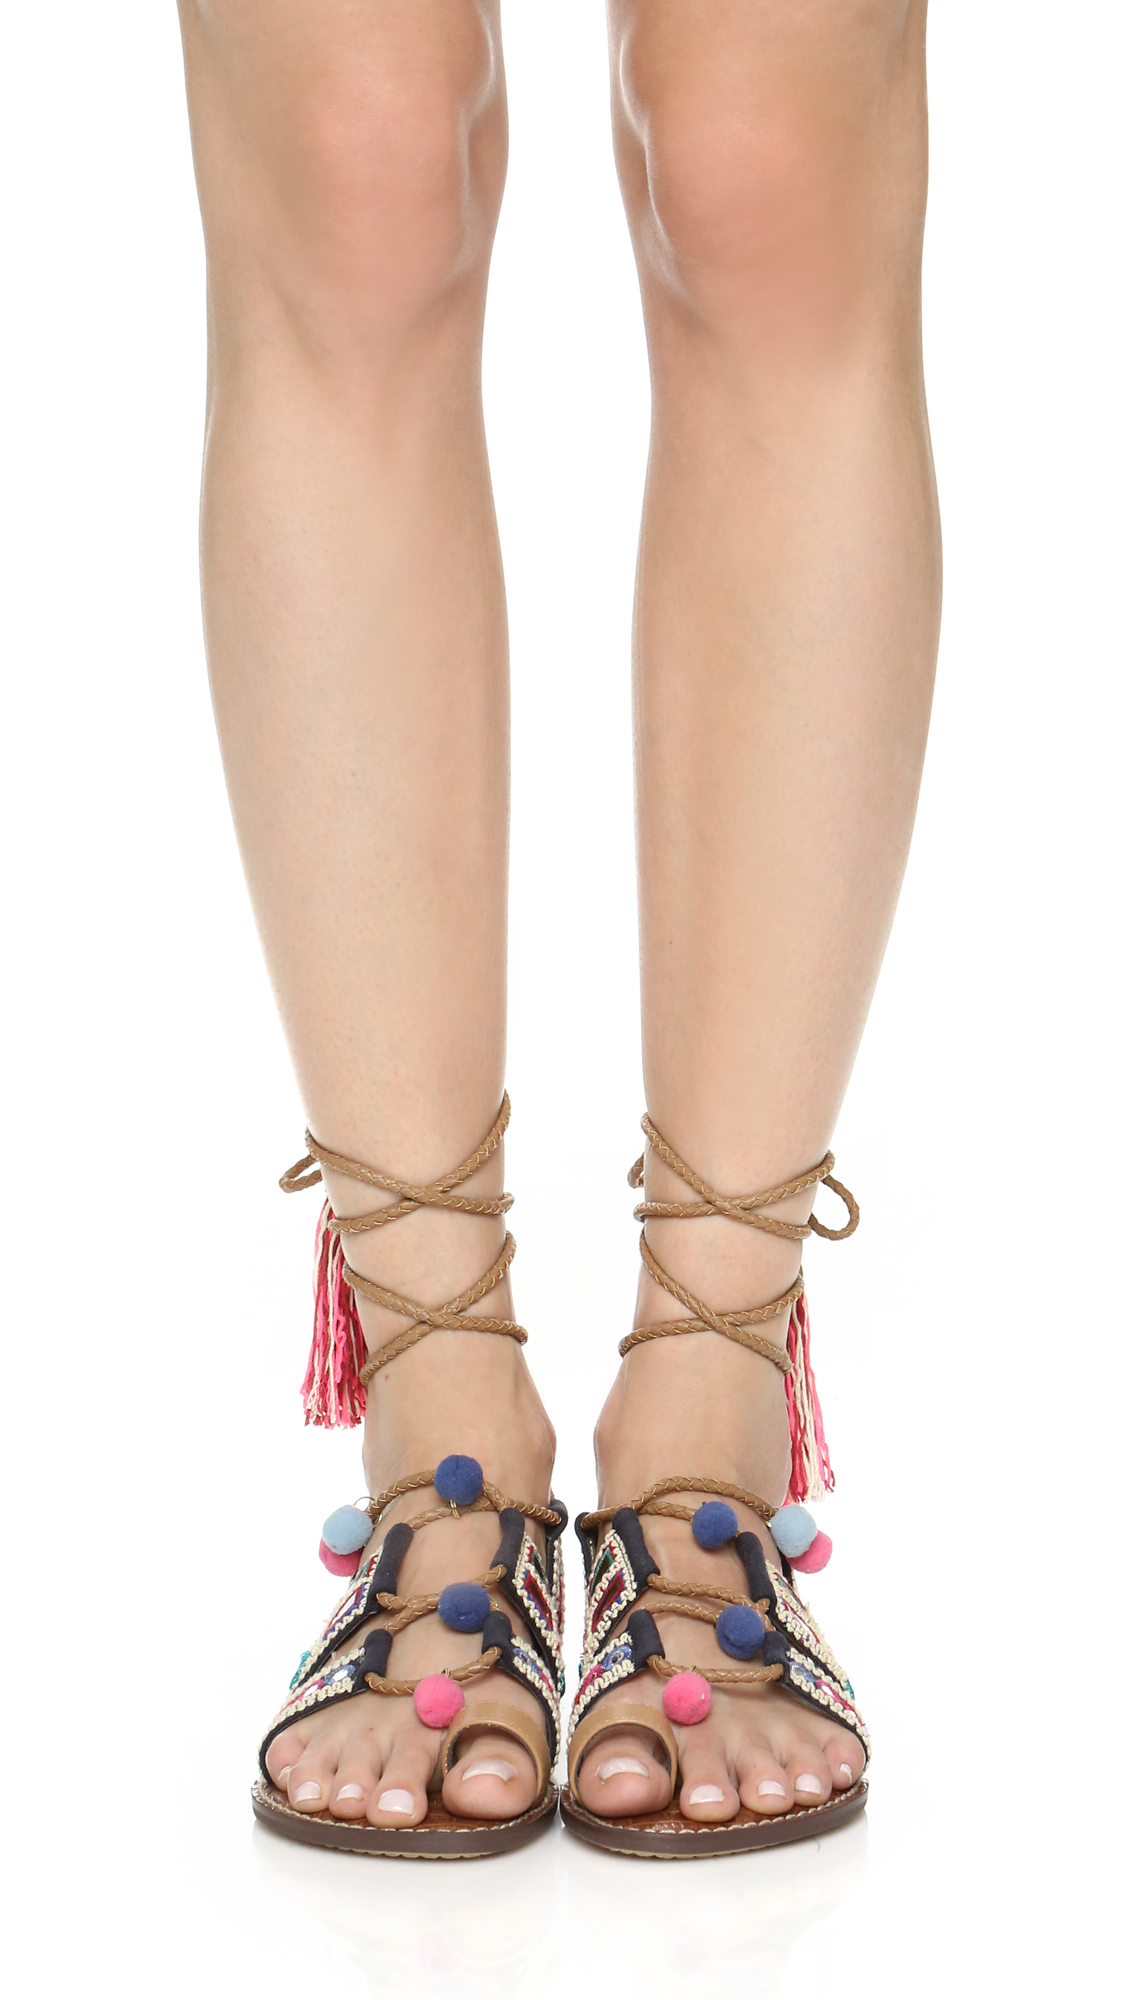 dd292dafcdaa88 Sam Edelman Gretchen Flat Sandals